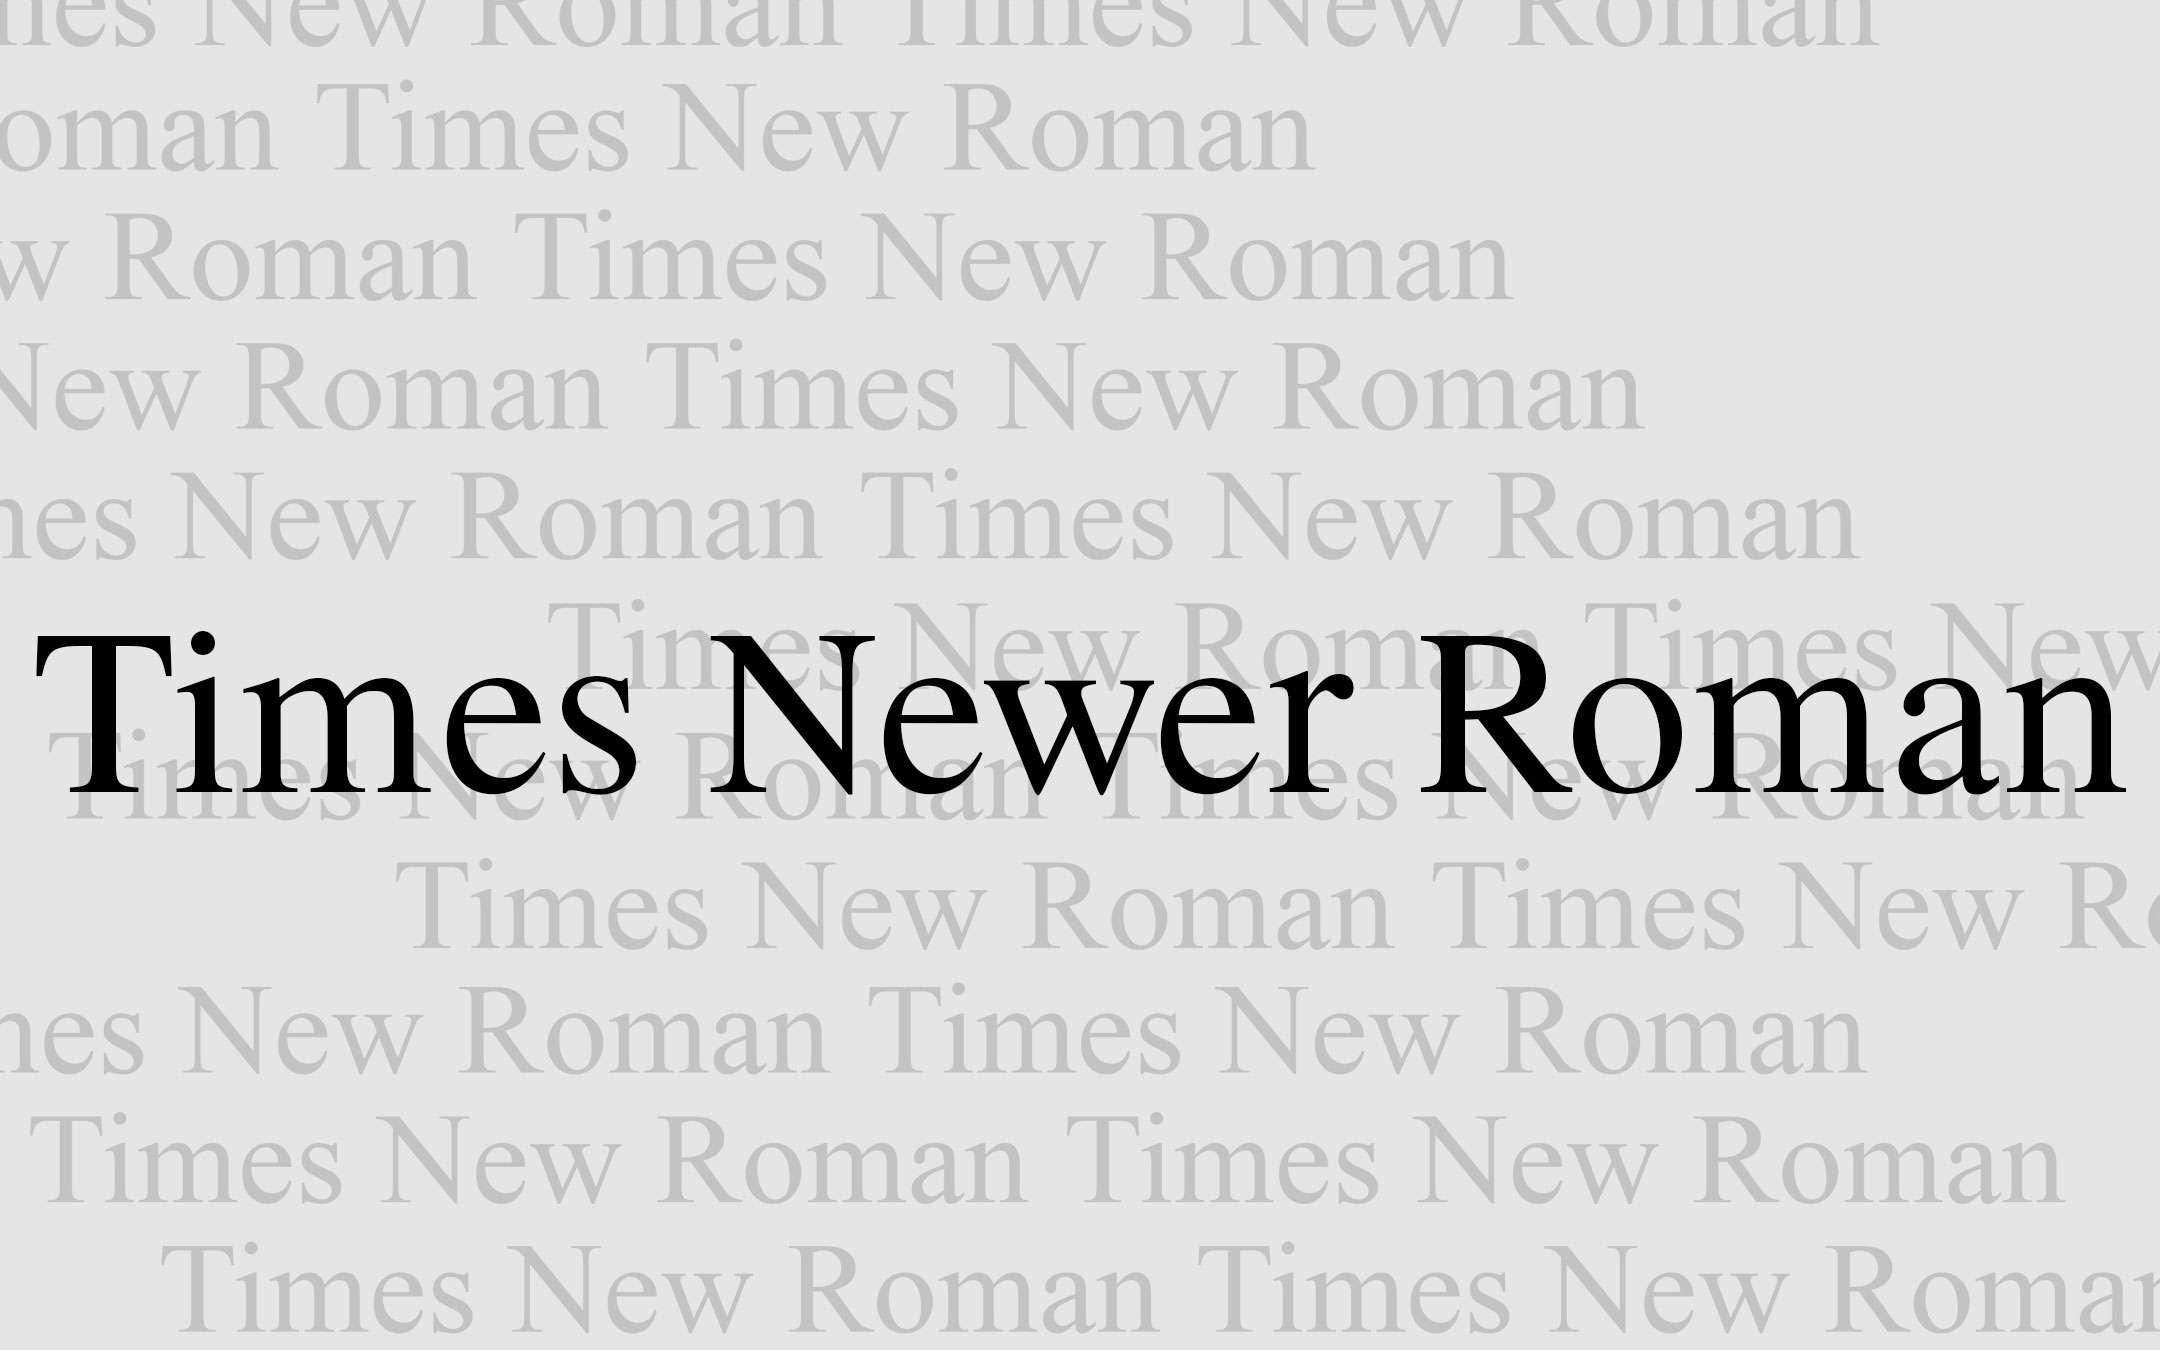 Times Newer Roman, l'altro Times New Roman